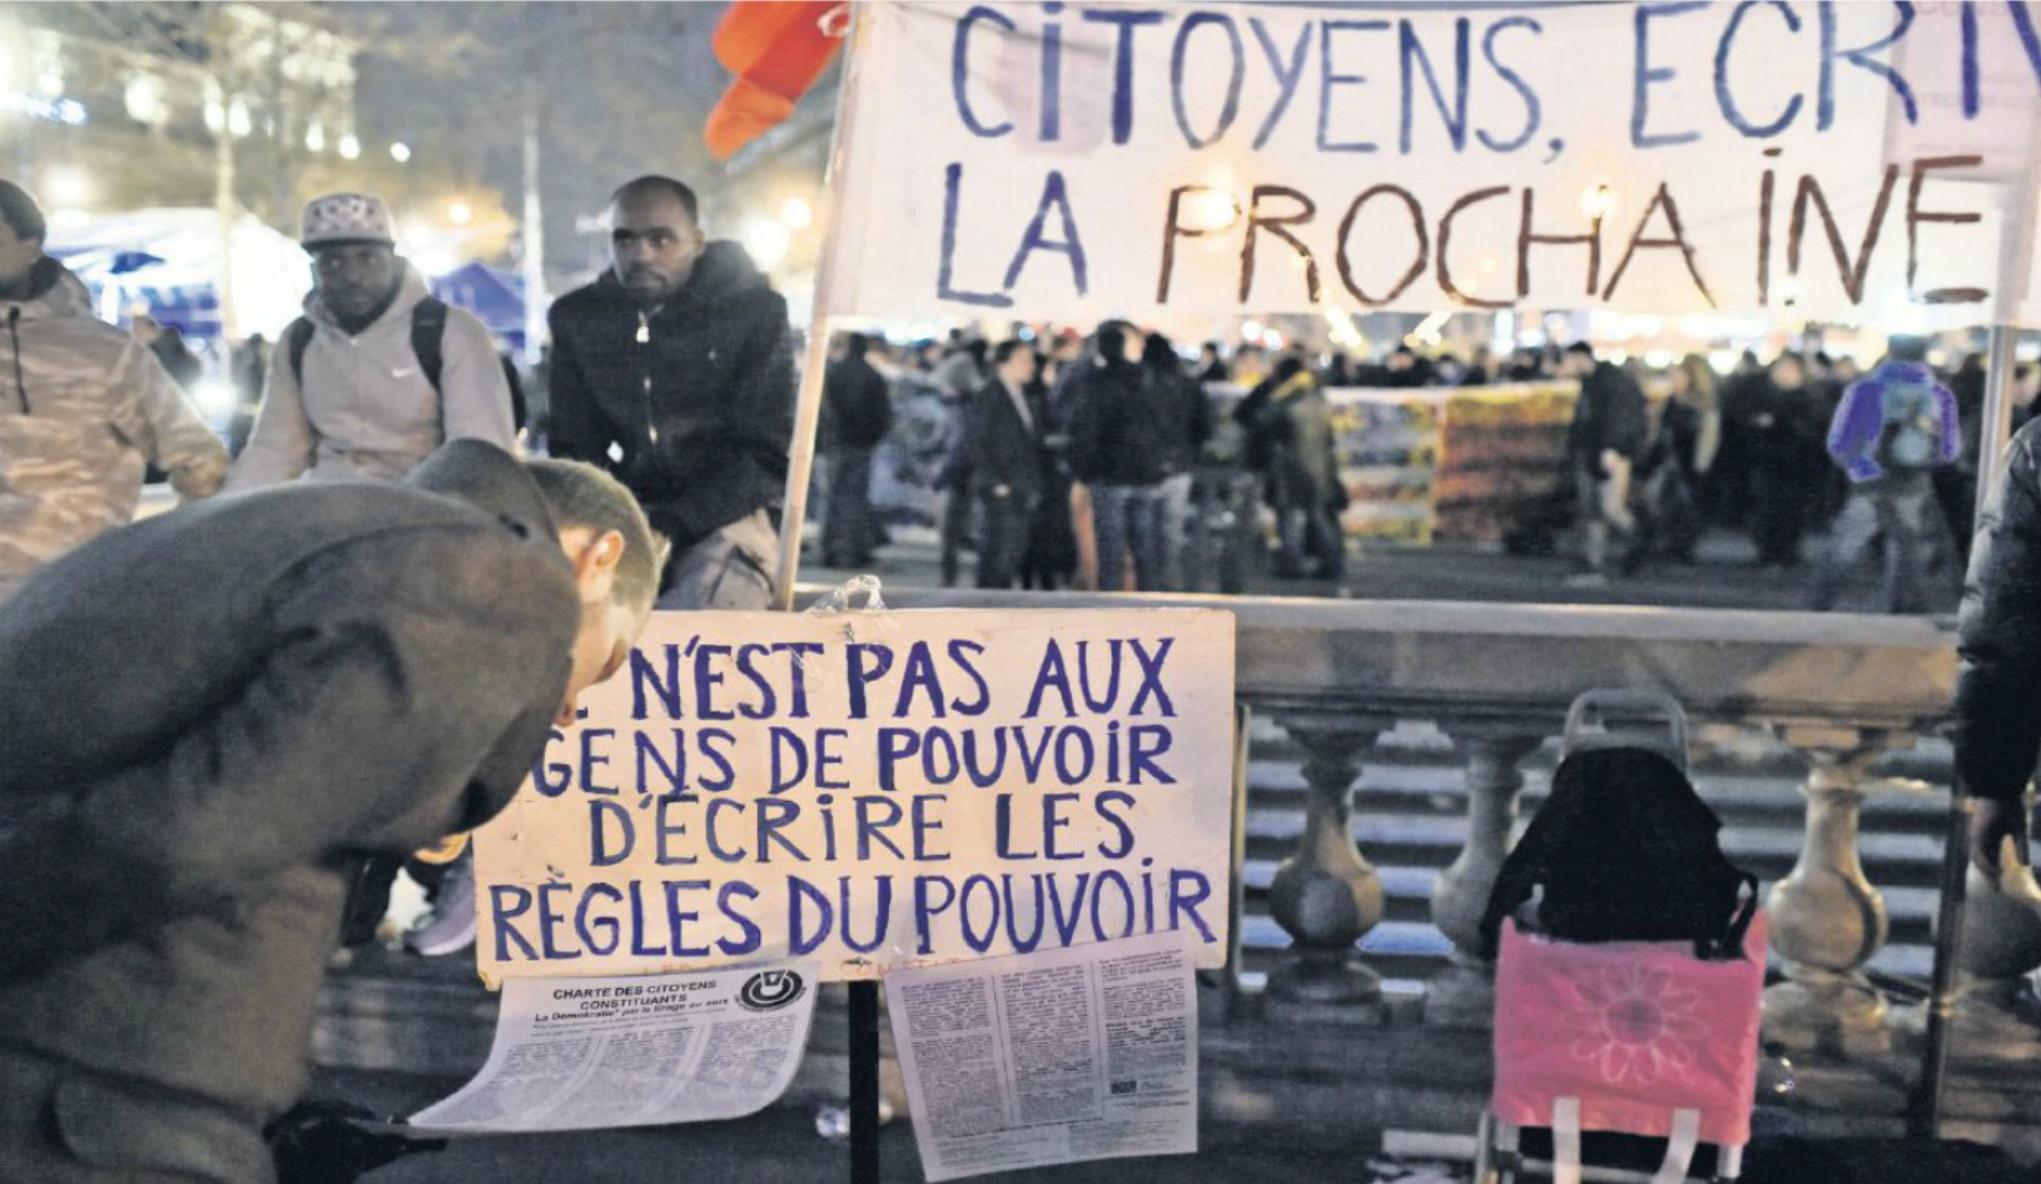 En finir avec une Vè République à bout de souffle  est un souhait de plus en plus partagé, comme ici à Nuit Debout.